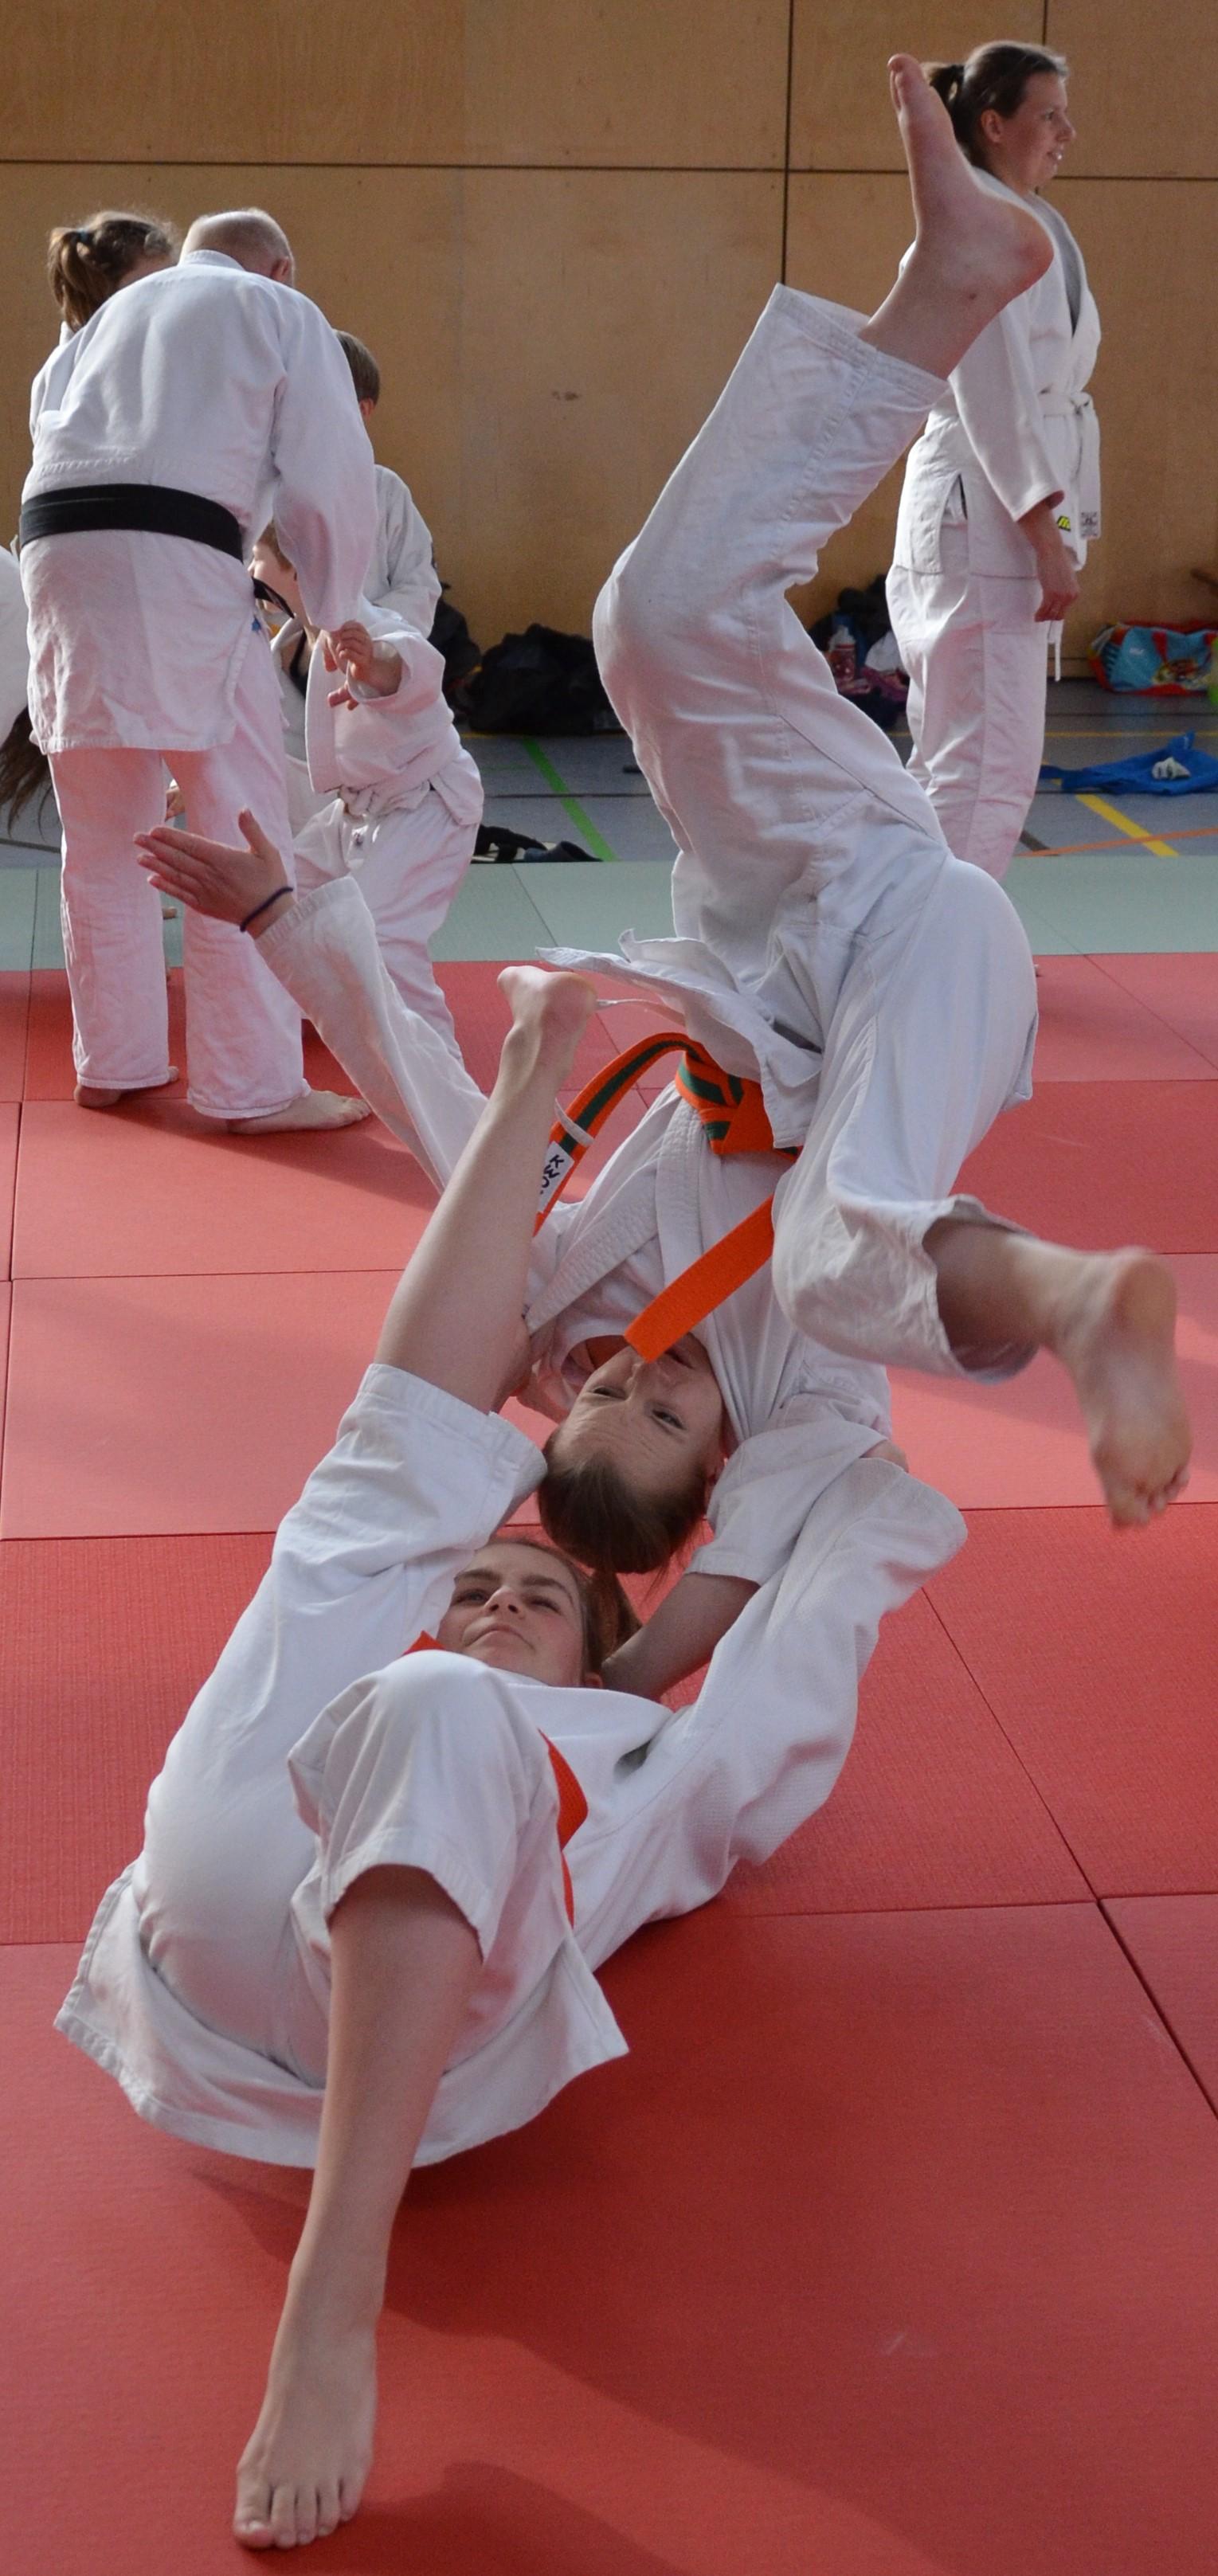 Jubiläum: 25 Jahre Judo in Haimhausen